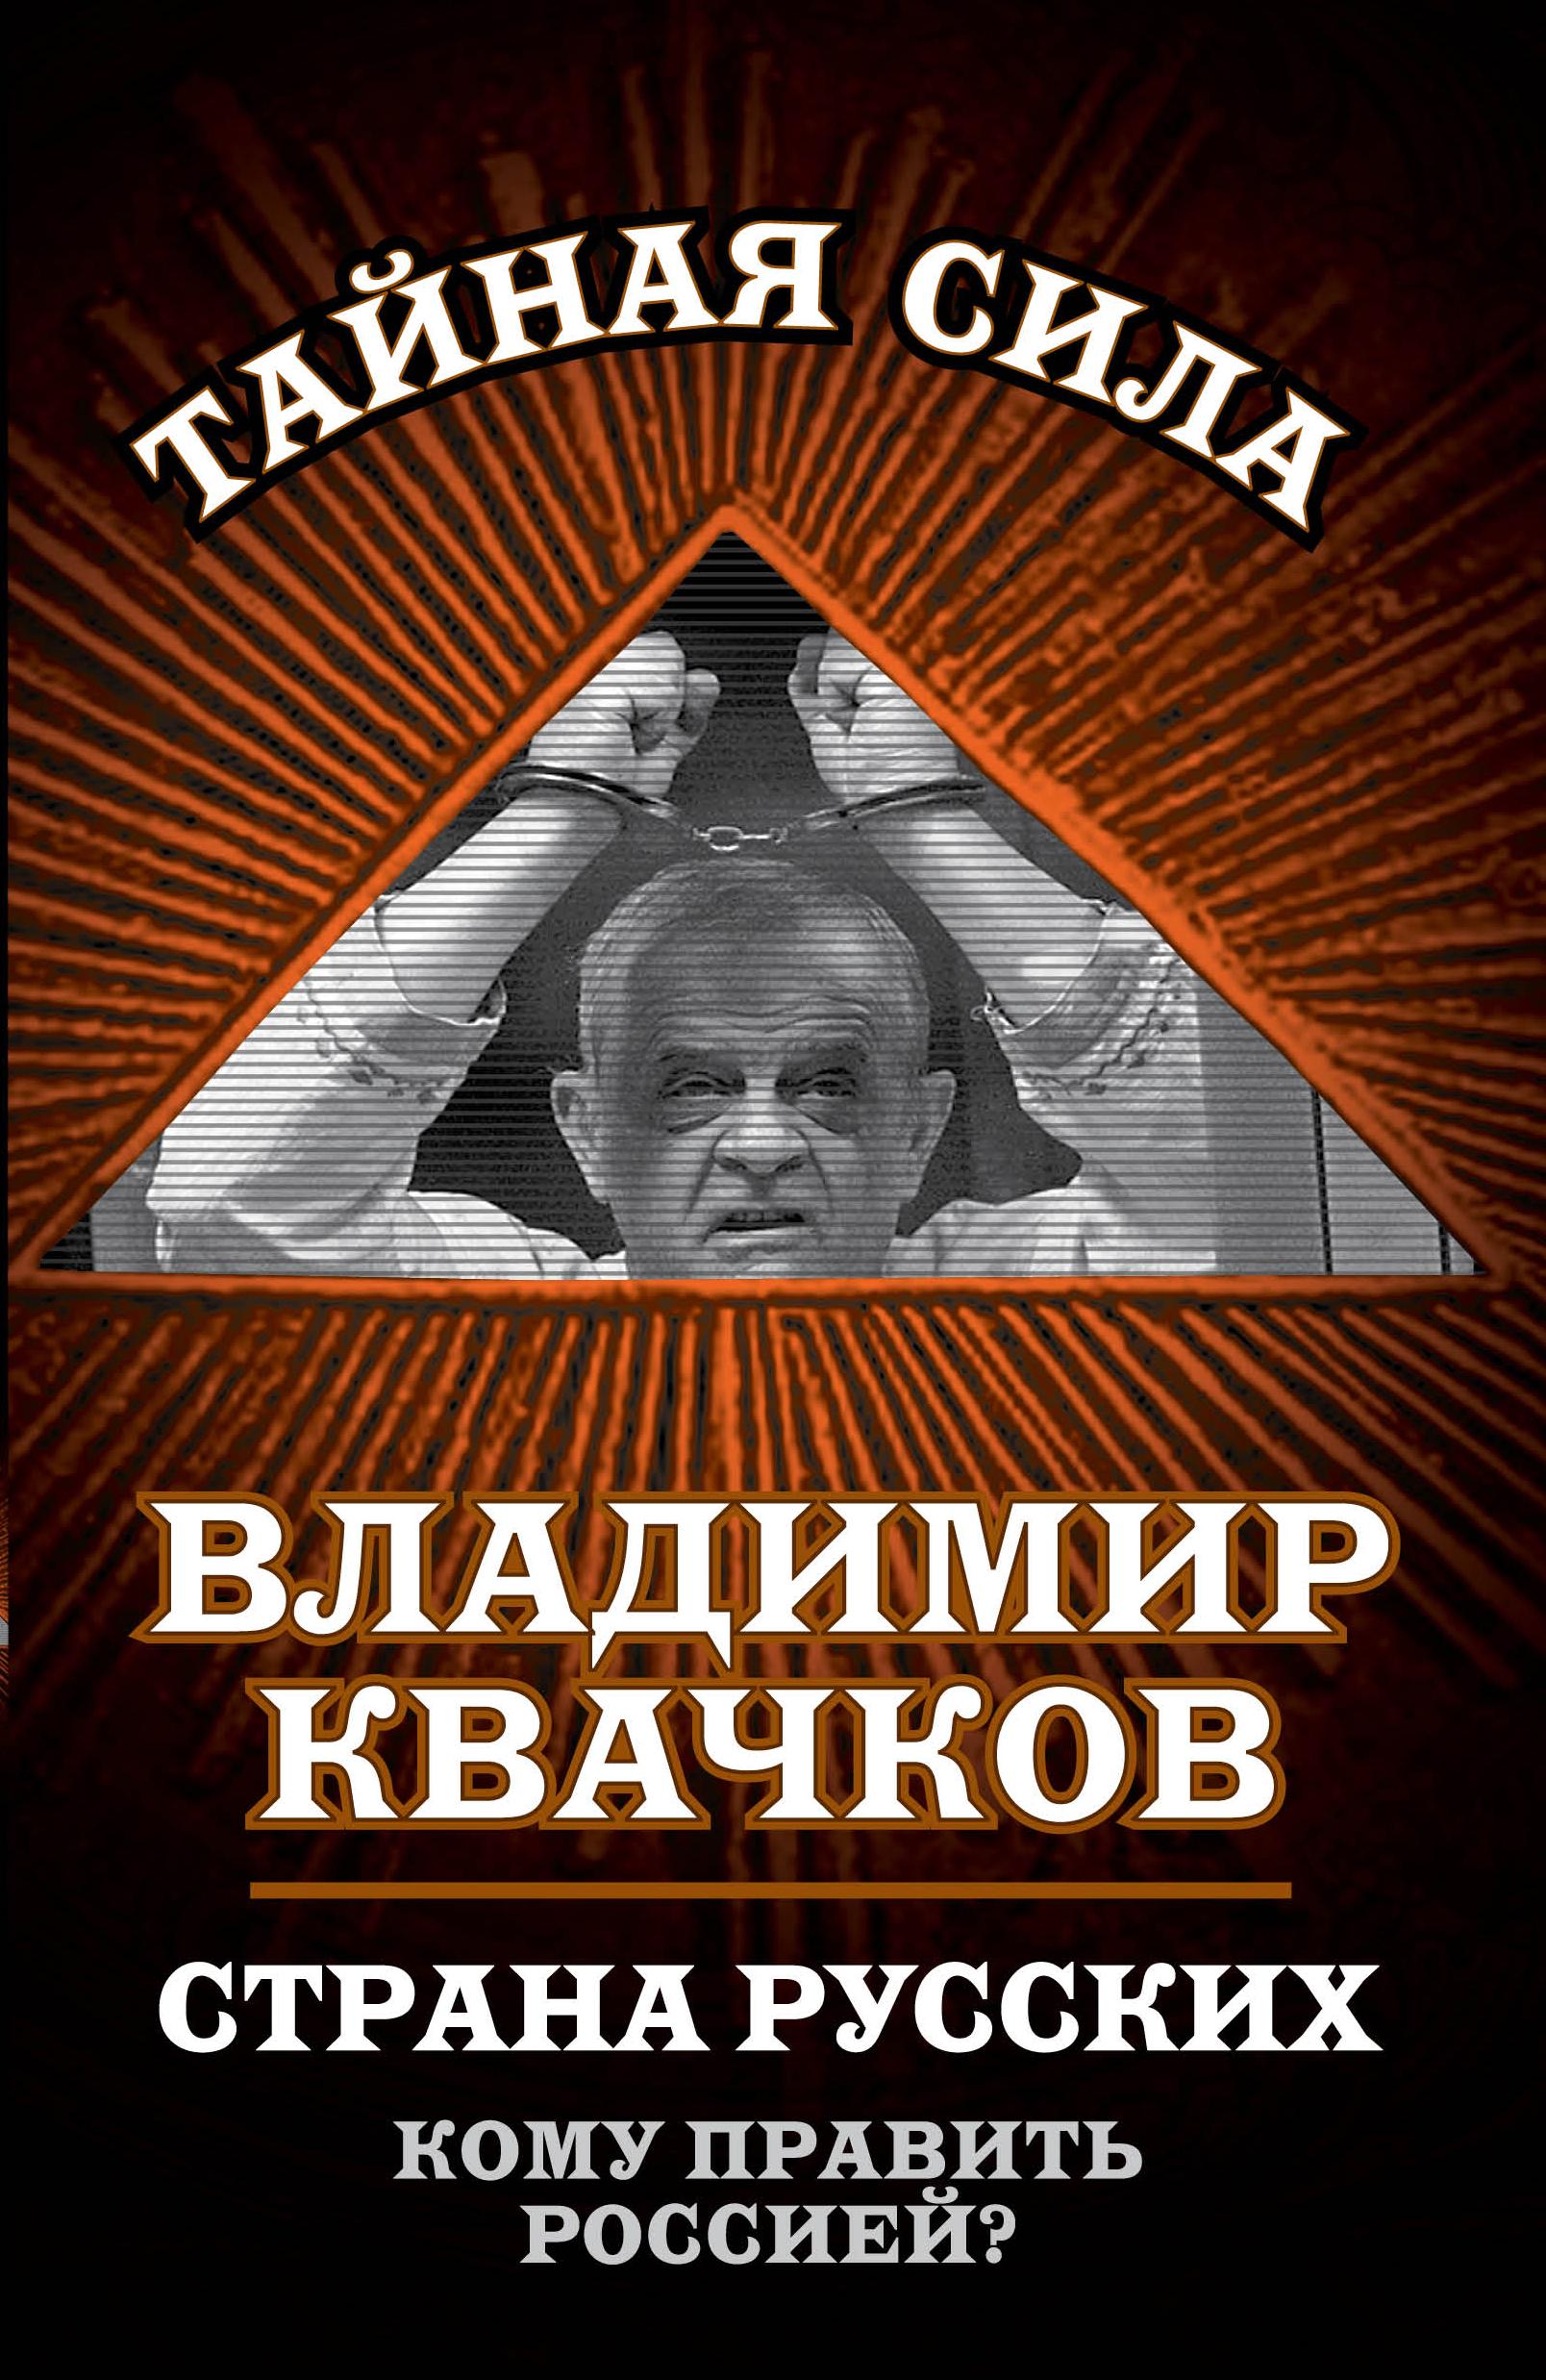 Квачков В.В. Страна русских. Кому править Россией первов м рассказы о русских ракетах книга 2